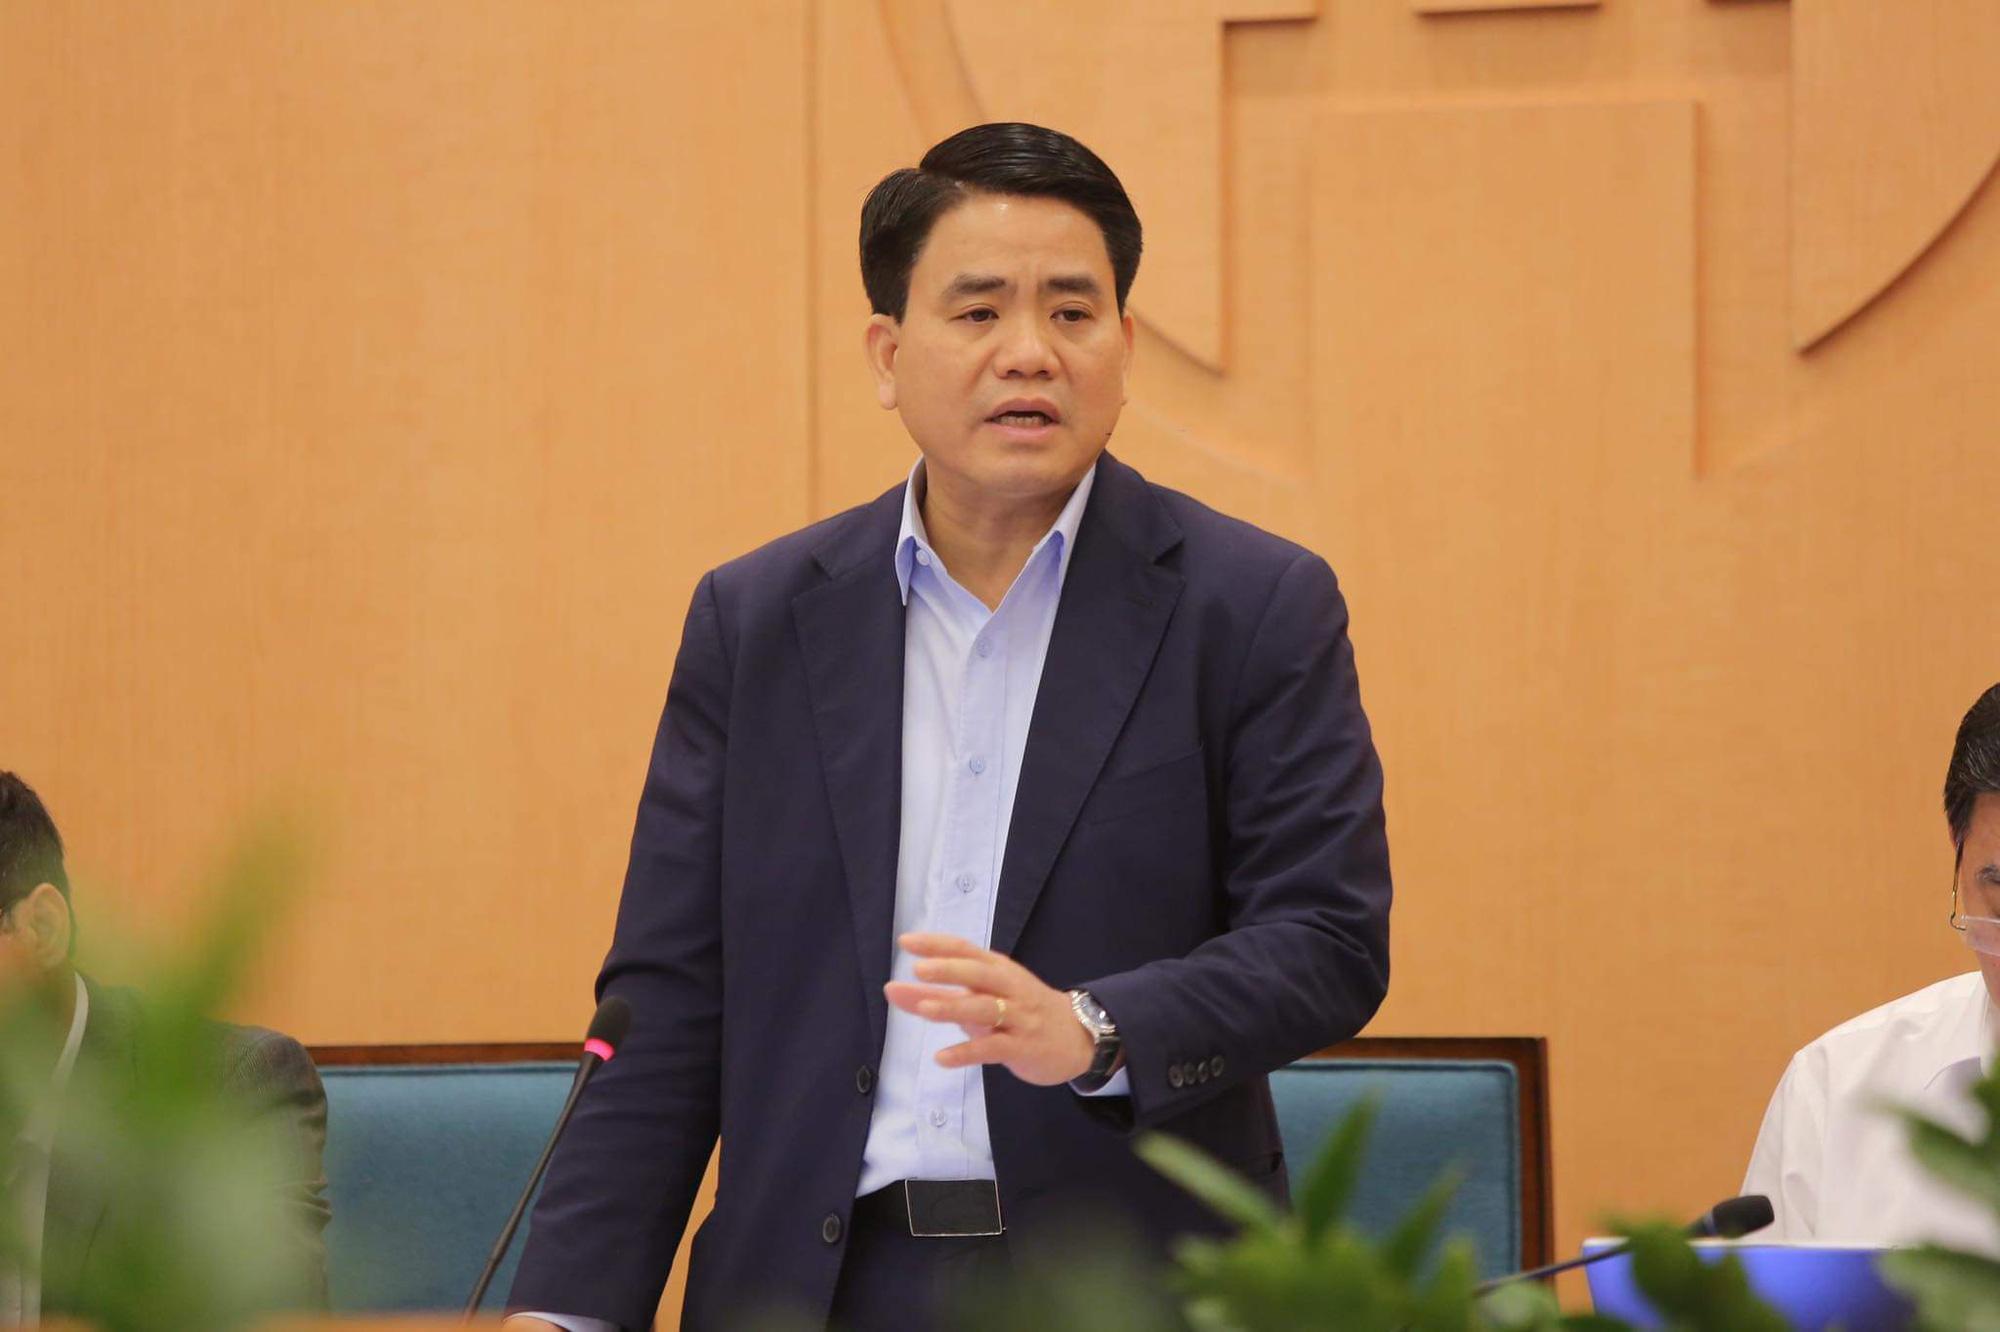 [eMagazine] Ổ dịch Covid-19 nguy hiểm nhất Việt Nam được phát hiện, khống chế thế nào? - Ảnh 24.